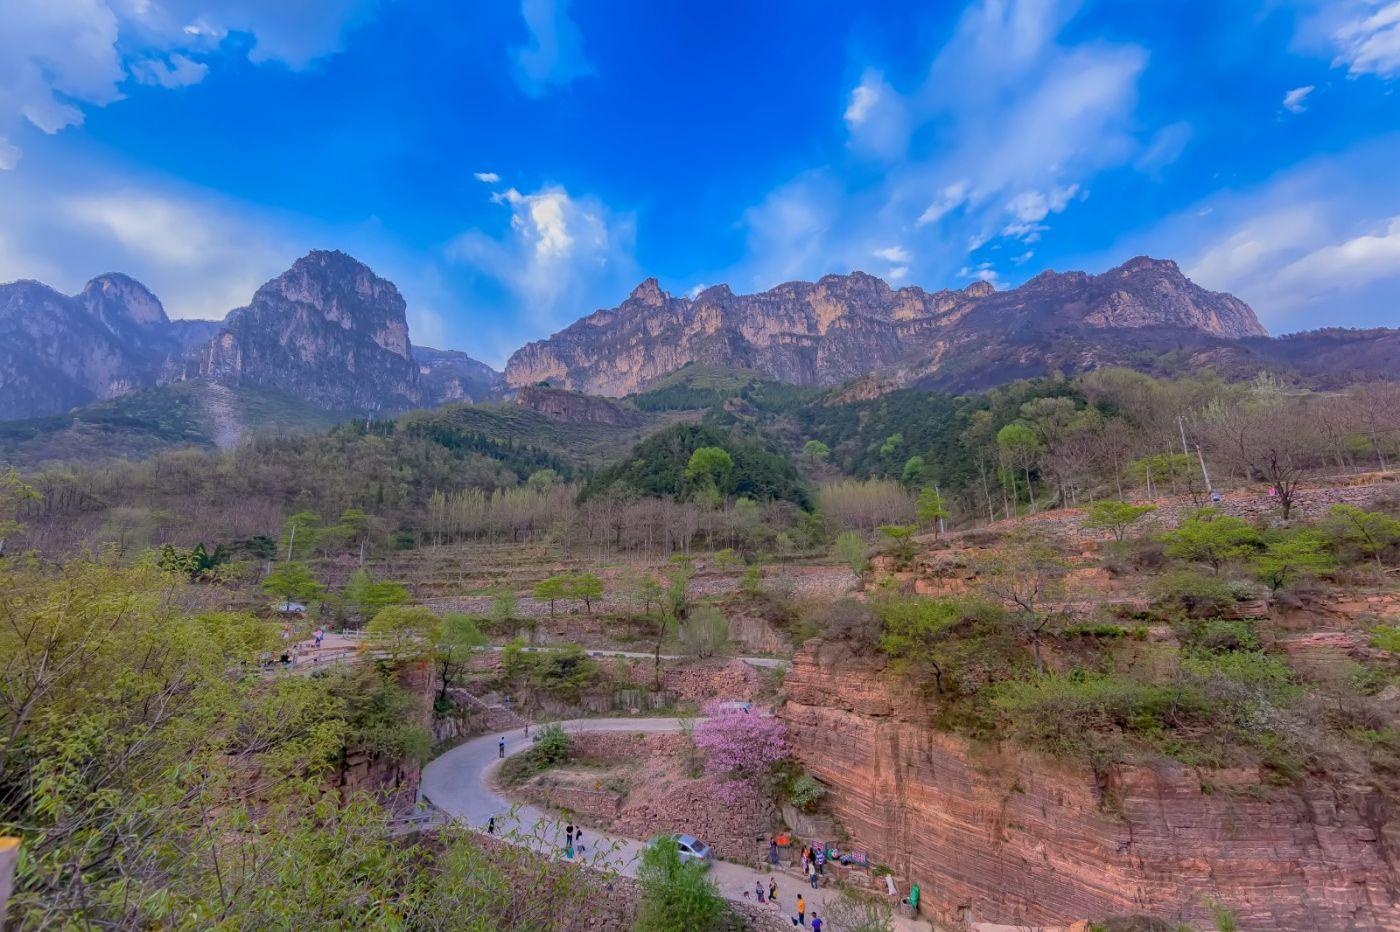 崖壁上的古村落 郭亮村 绝处也有风景_图1-7